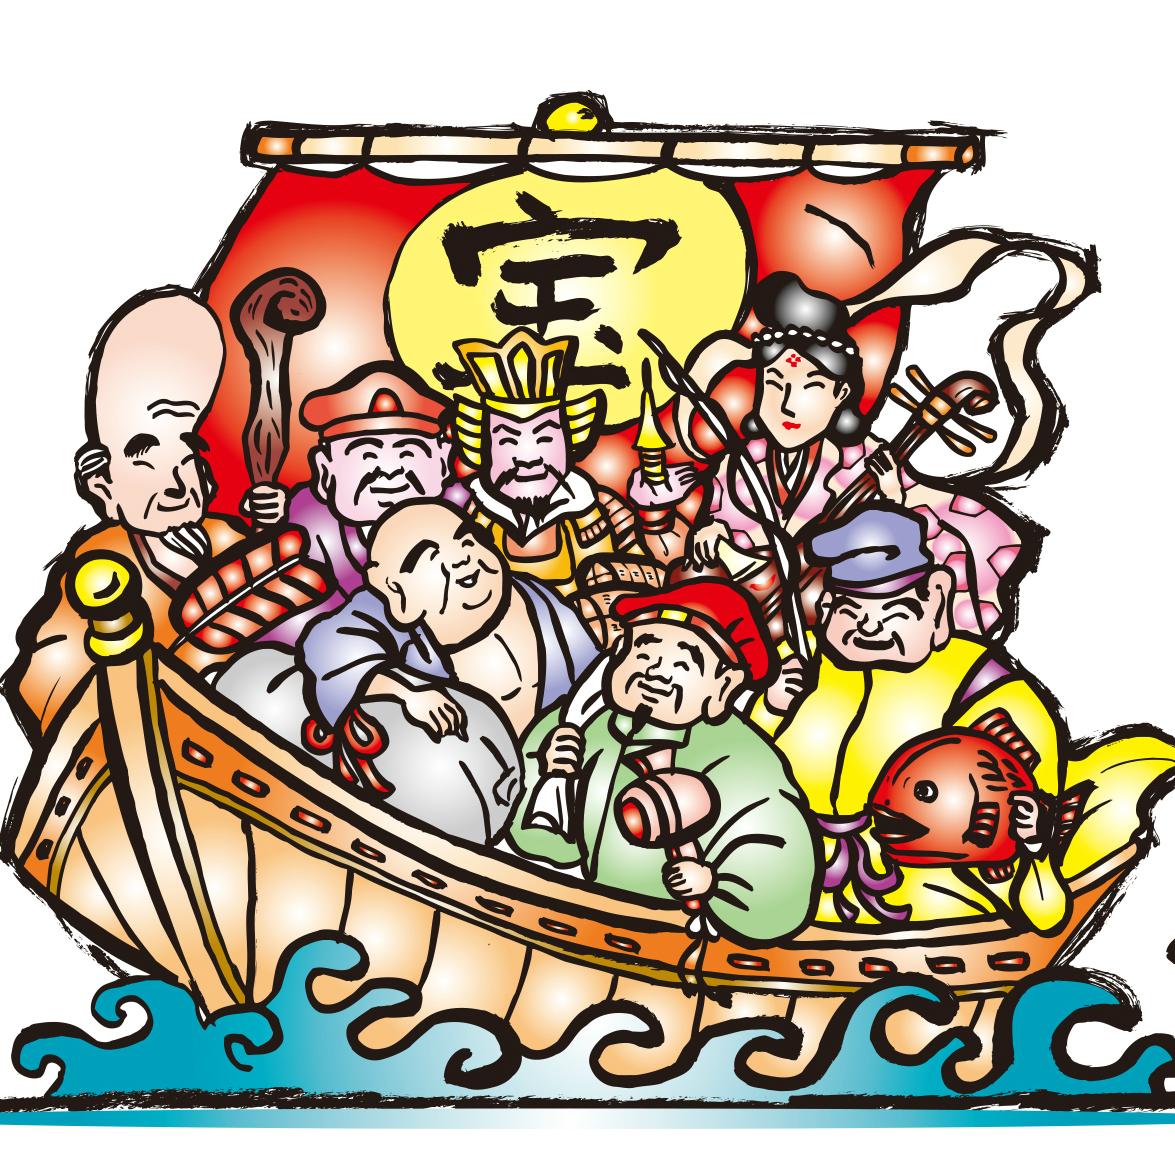 「七福神信仰」の起源は室町時代にまでさかのぼる